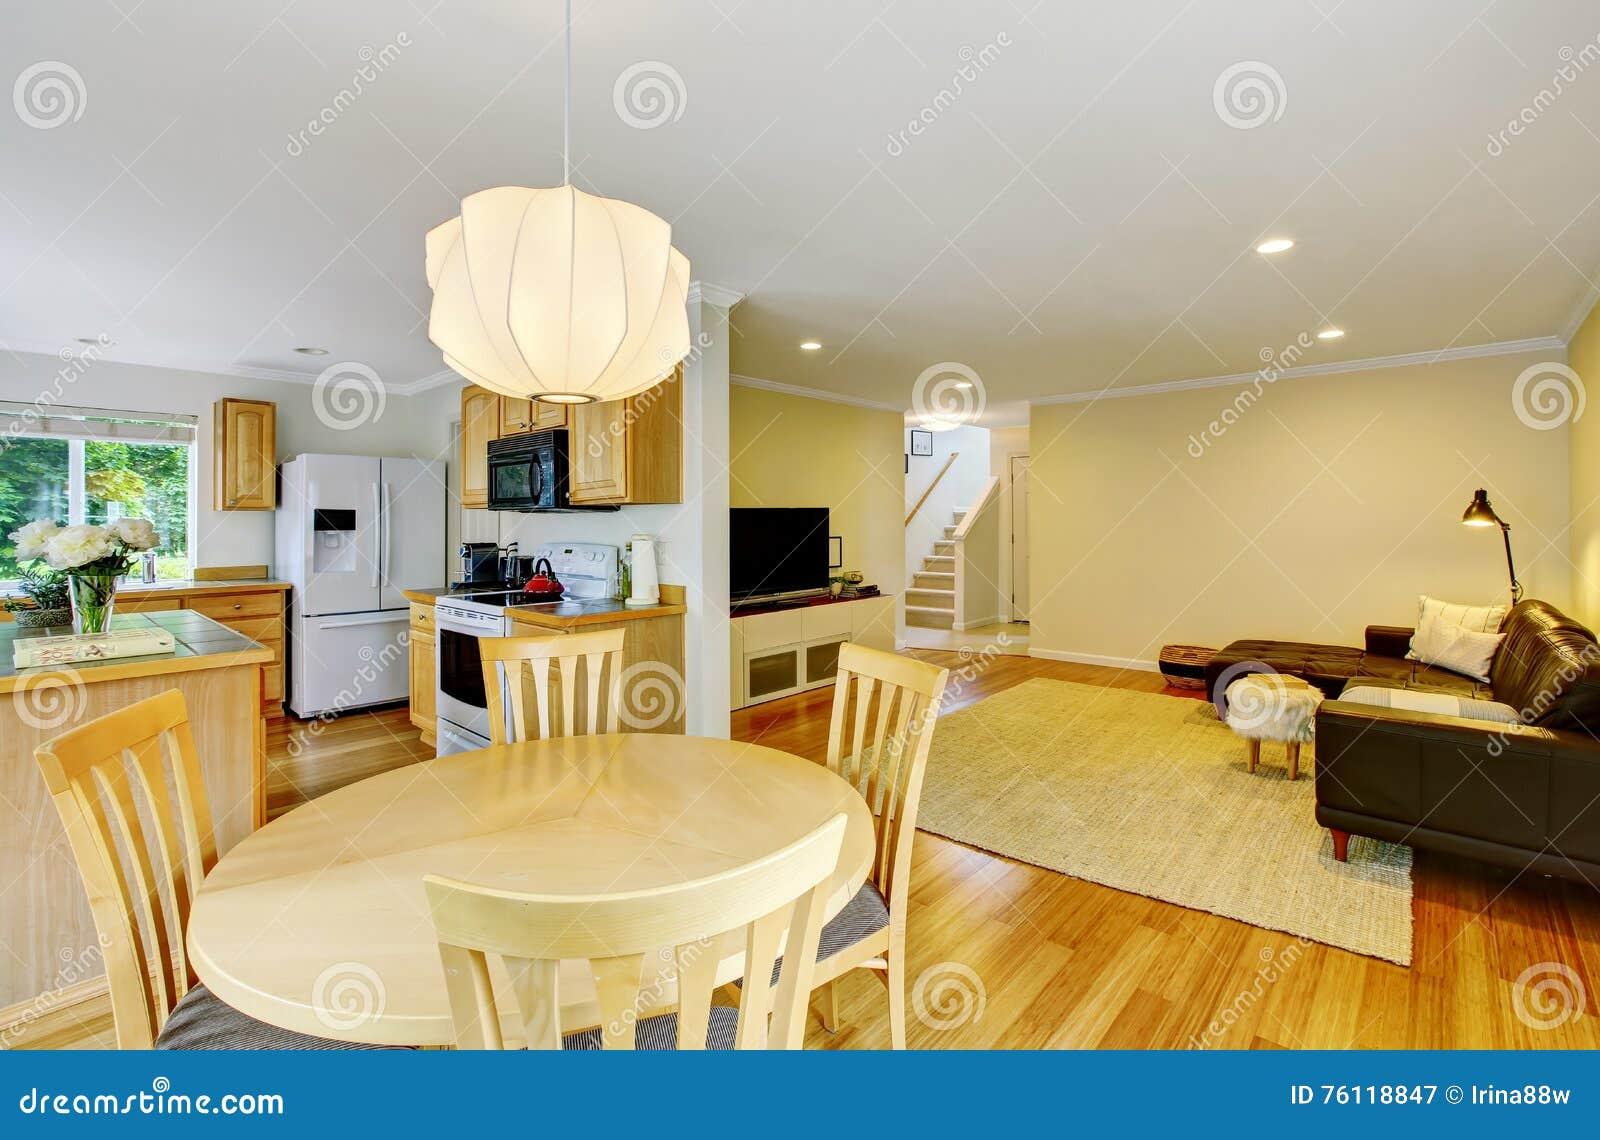 Cocina y sala de estar de la planta di fana tambi n for Planos de sala cocina y comedor